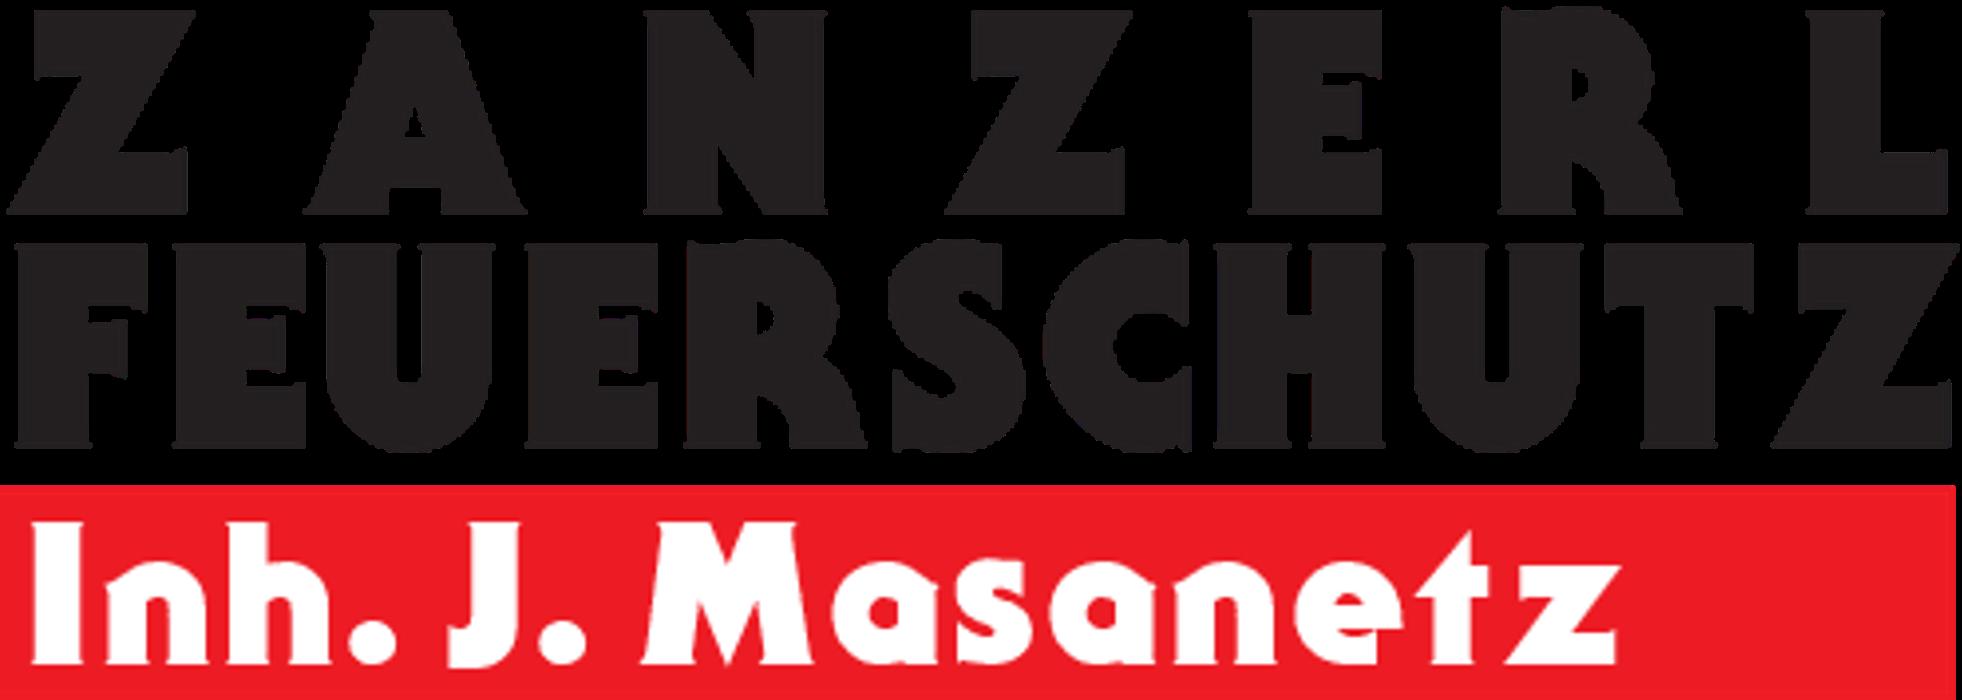 Bild zu Zanzerl Feuerschutz in Essenbach